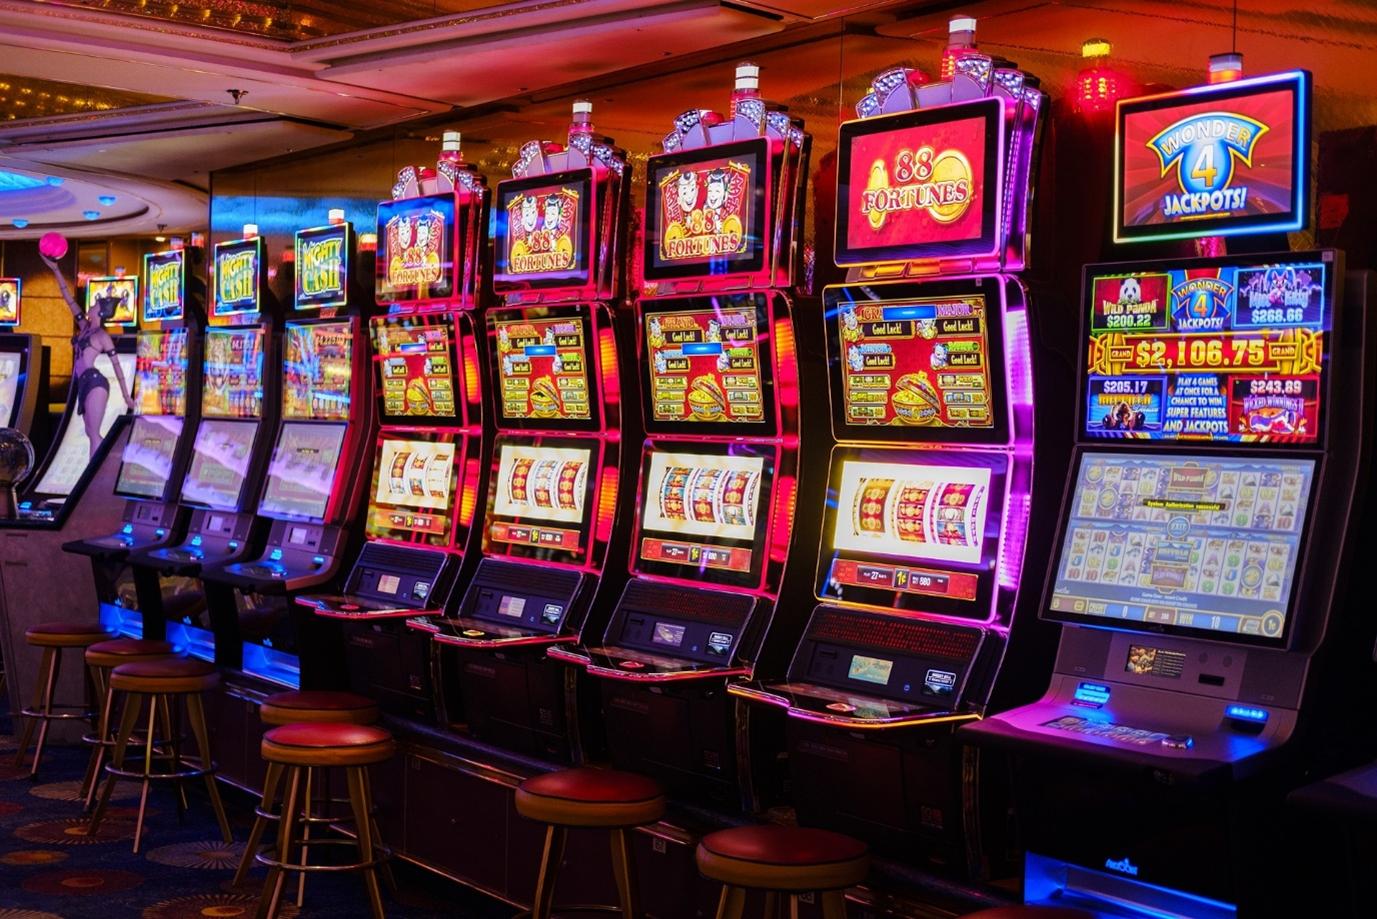 สล็อตออนไลน์ ขั้นพื้นฐาน แนะนำ สล็อตเกมส์ไหนดี ทำเงินได้เป็นกอบเป็นกำ